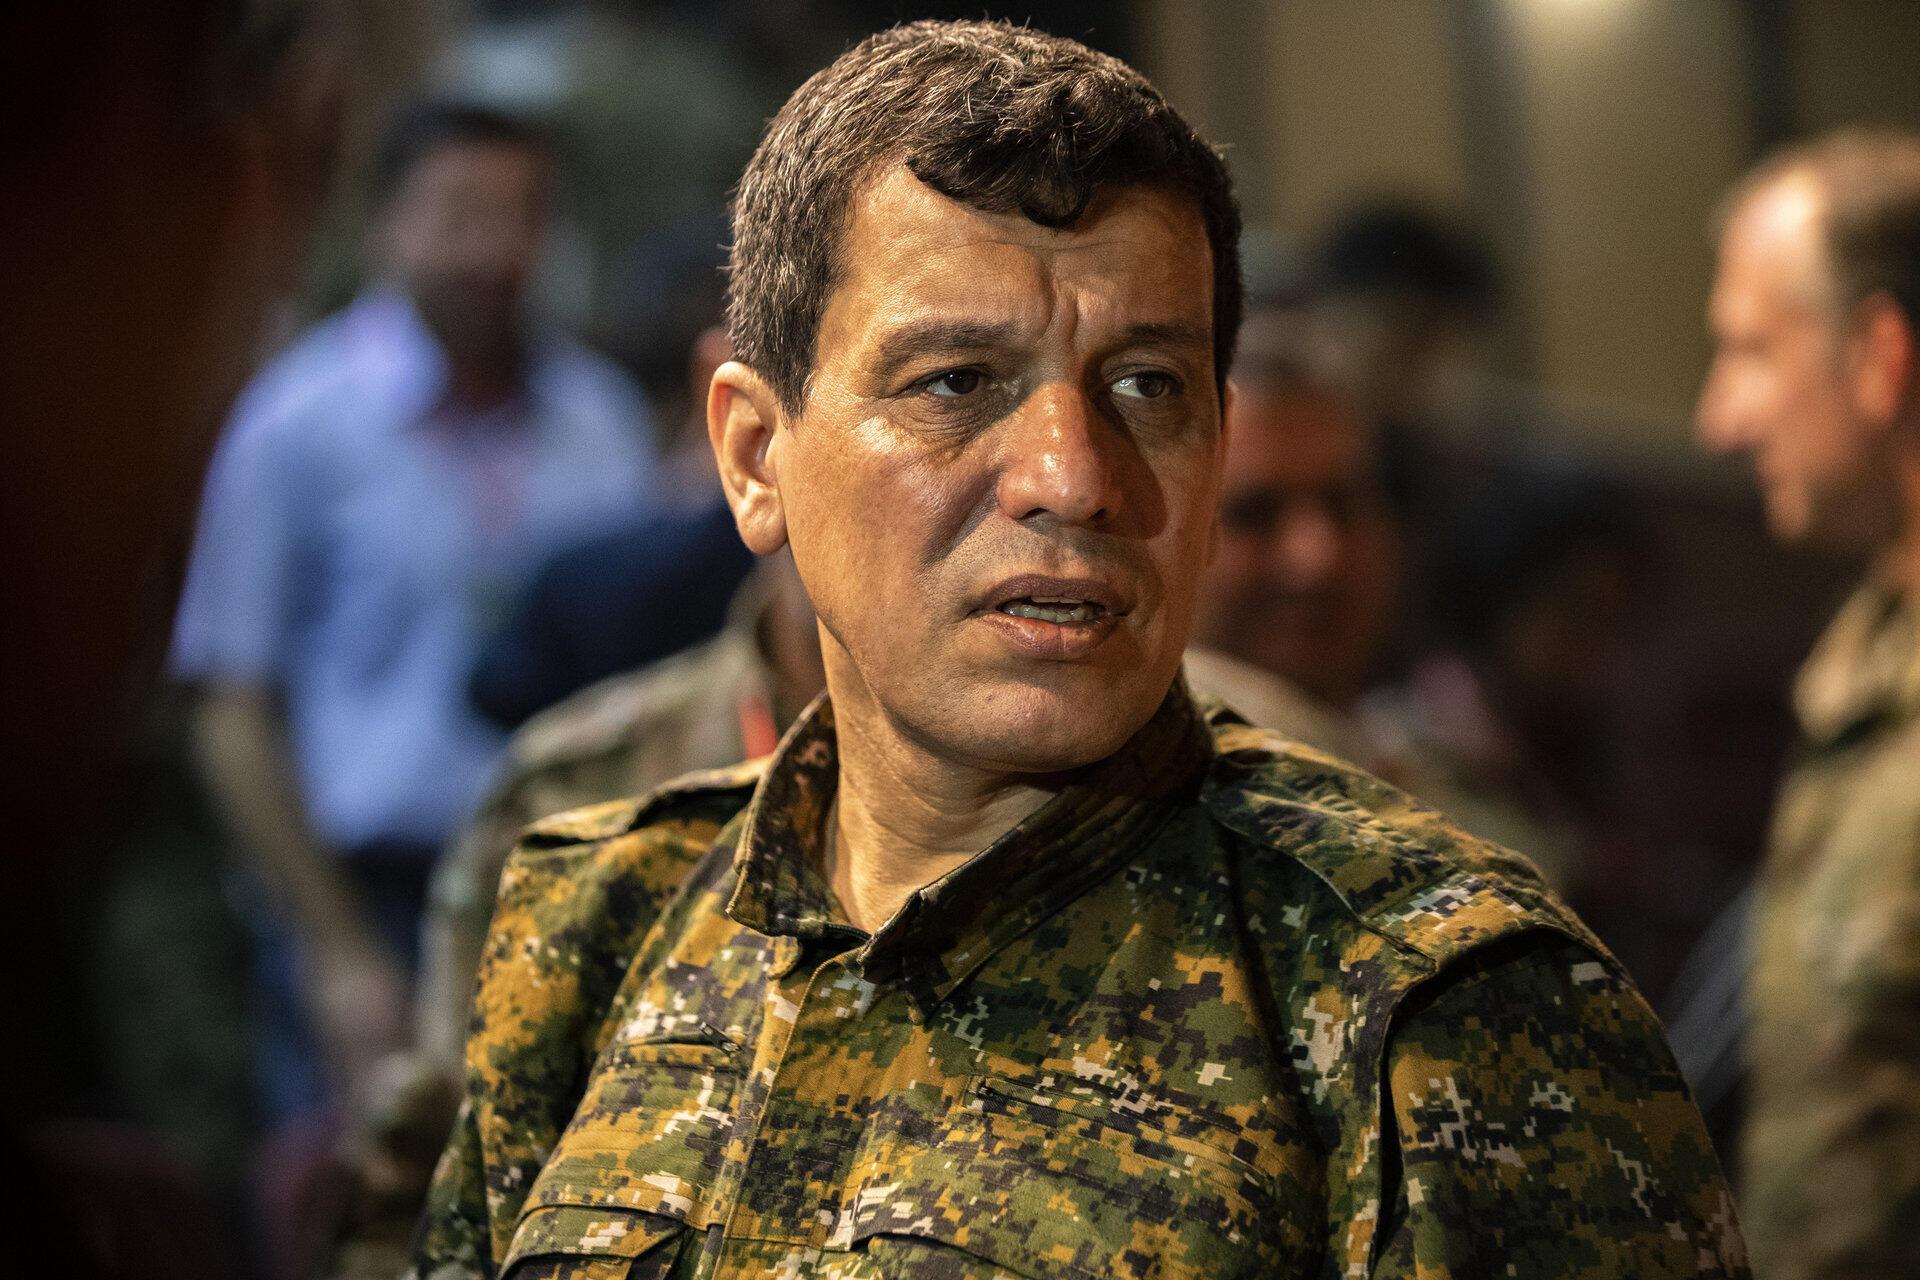 Mazlum Kobani, comandante en jefe de las Fuerzas Democráticas Siria (FDS), dominada por los kurdos, el 24 de agotos de 2019.